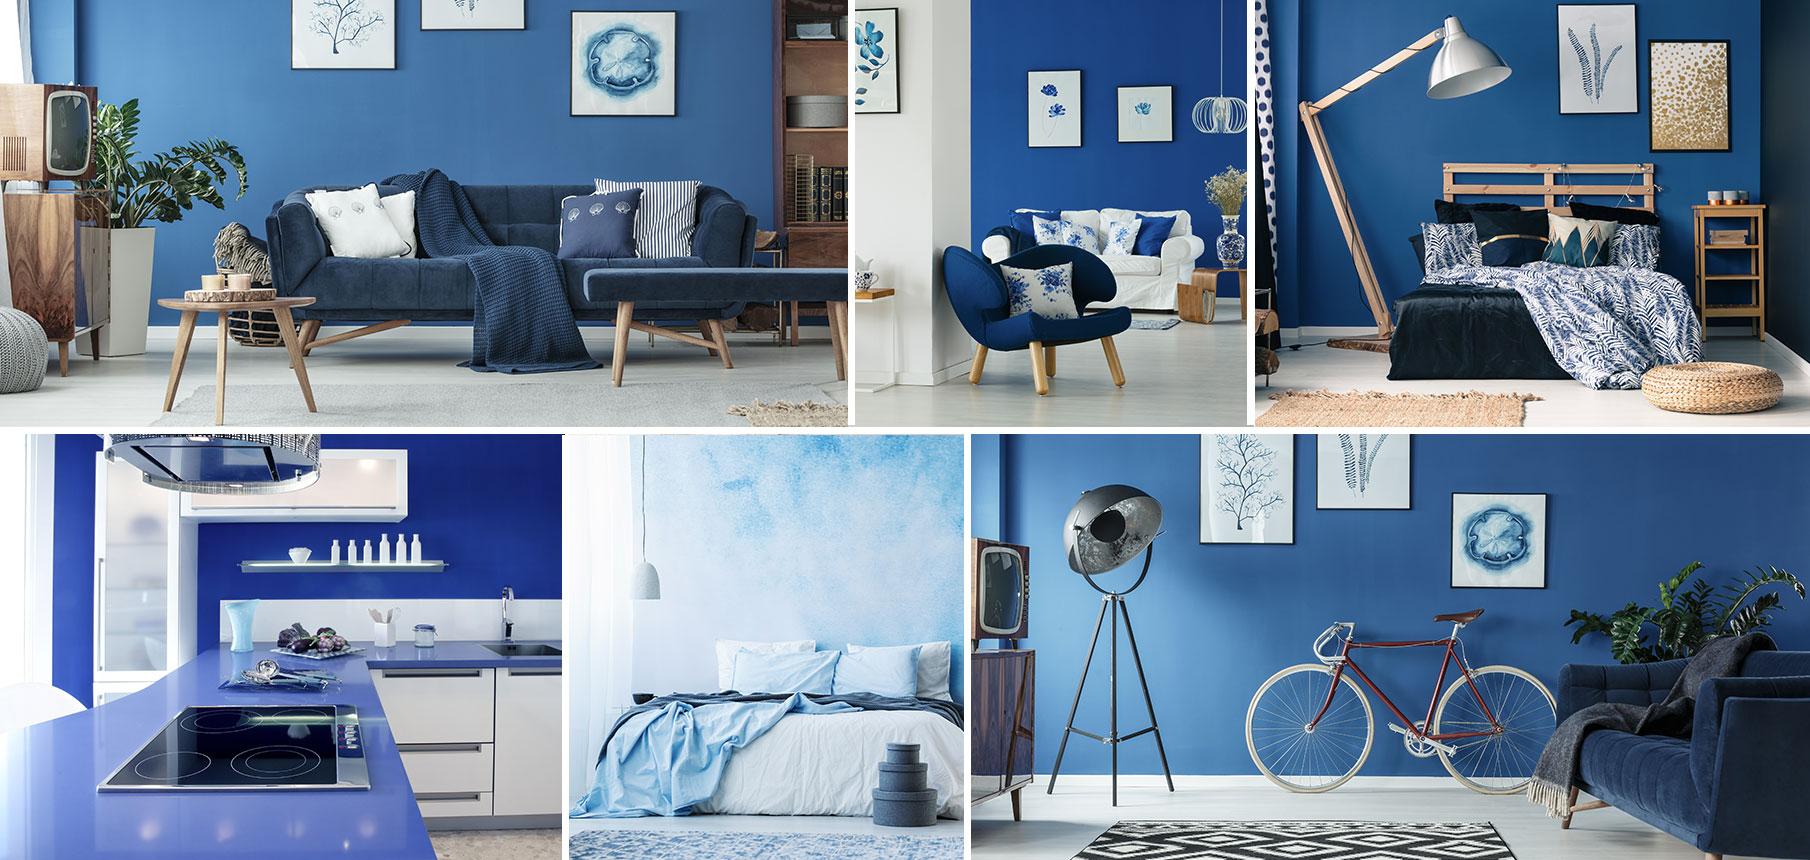 Couleur Gris Bleu Foncé bleu - couleur bleue